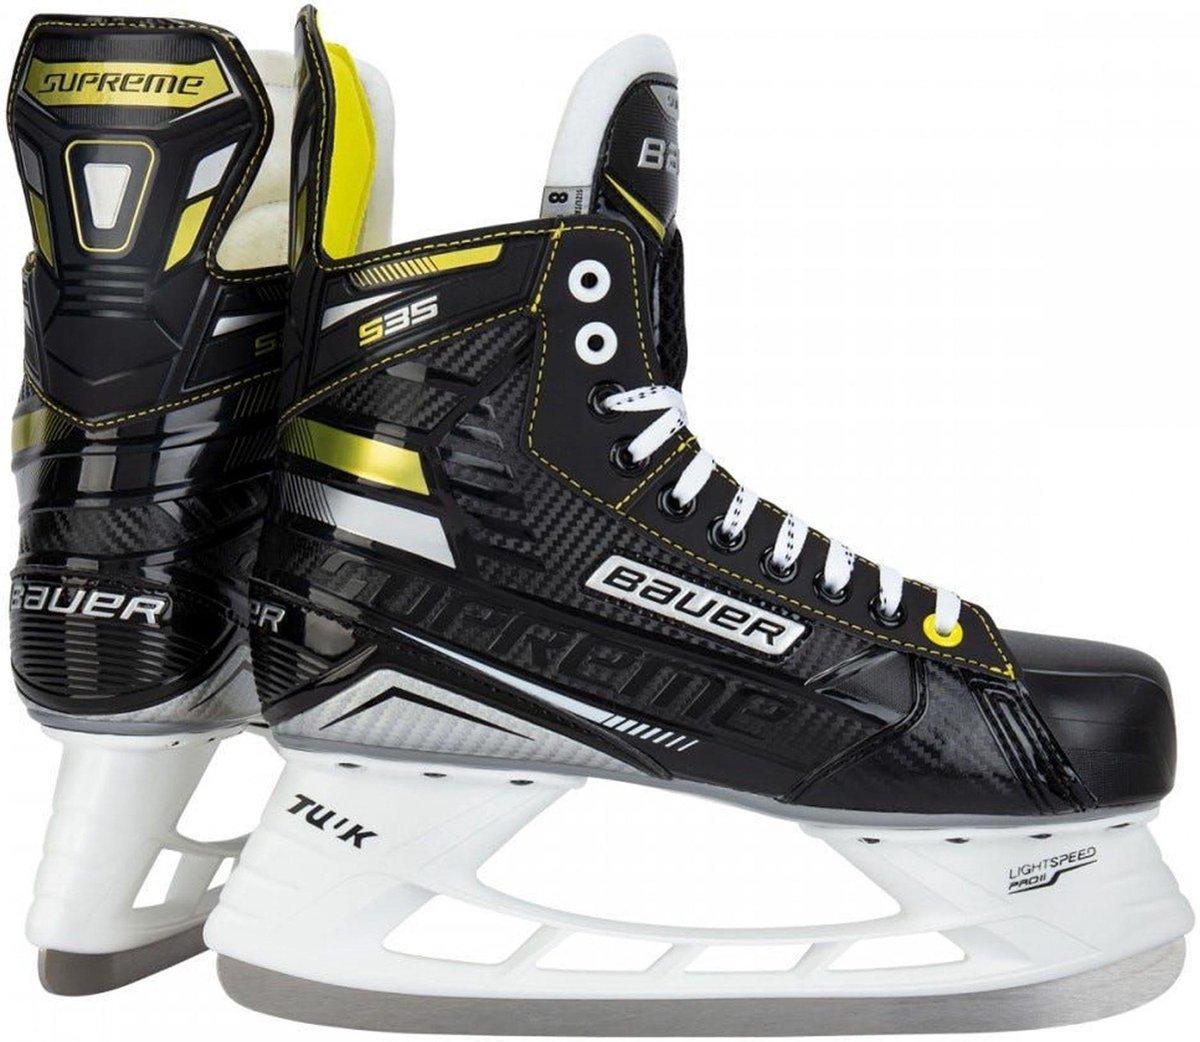 Bauer Schaatsen - Maat 38 - Unisex - zwart/geel/wit